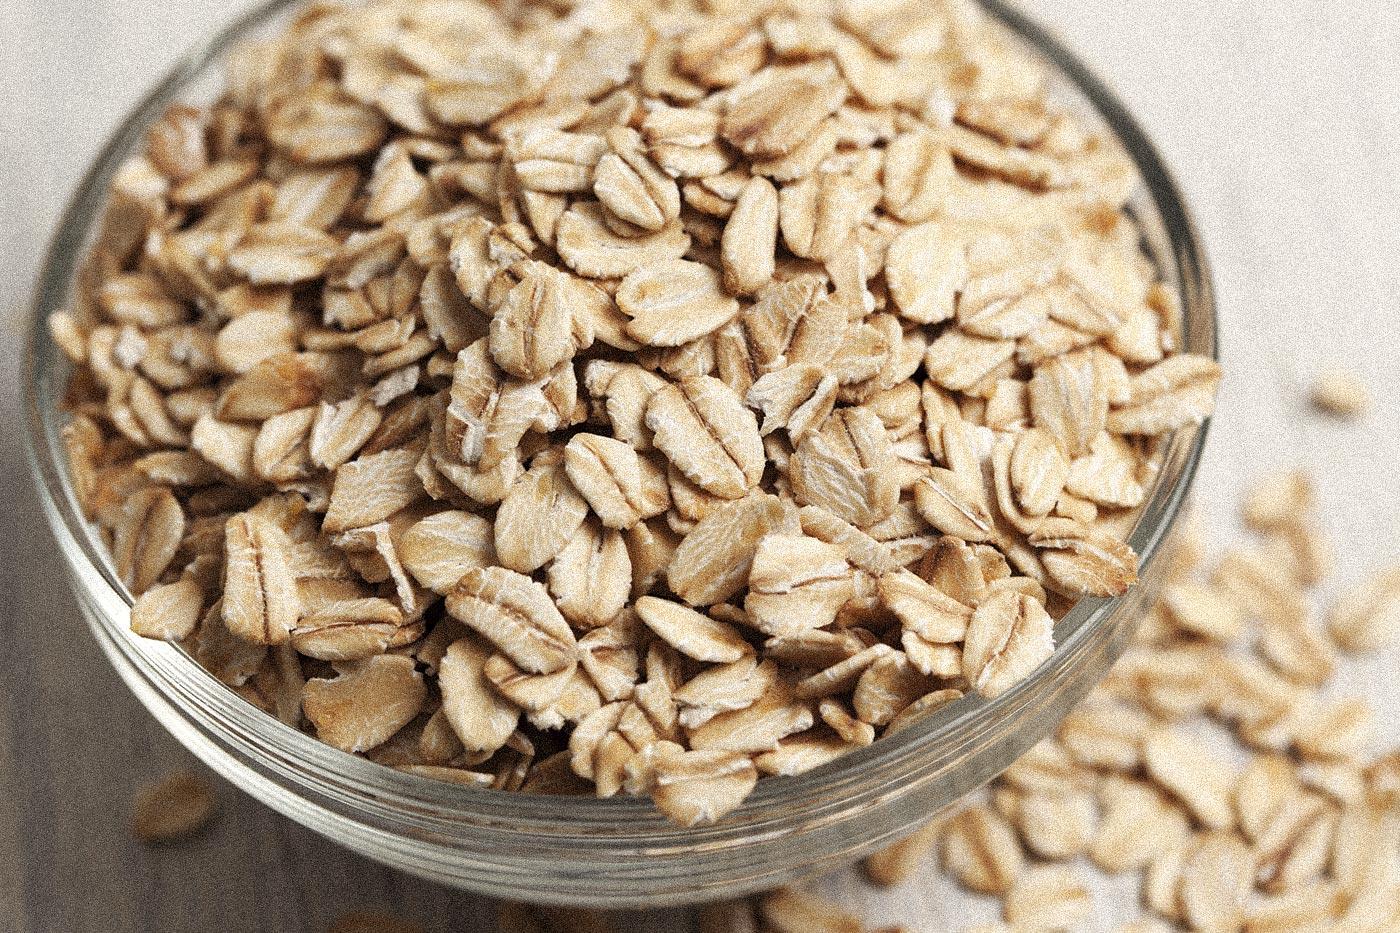 オートミールは、食物繊維たっぷりで、便秘やポッコリお腹対策が手軽にできます